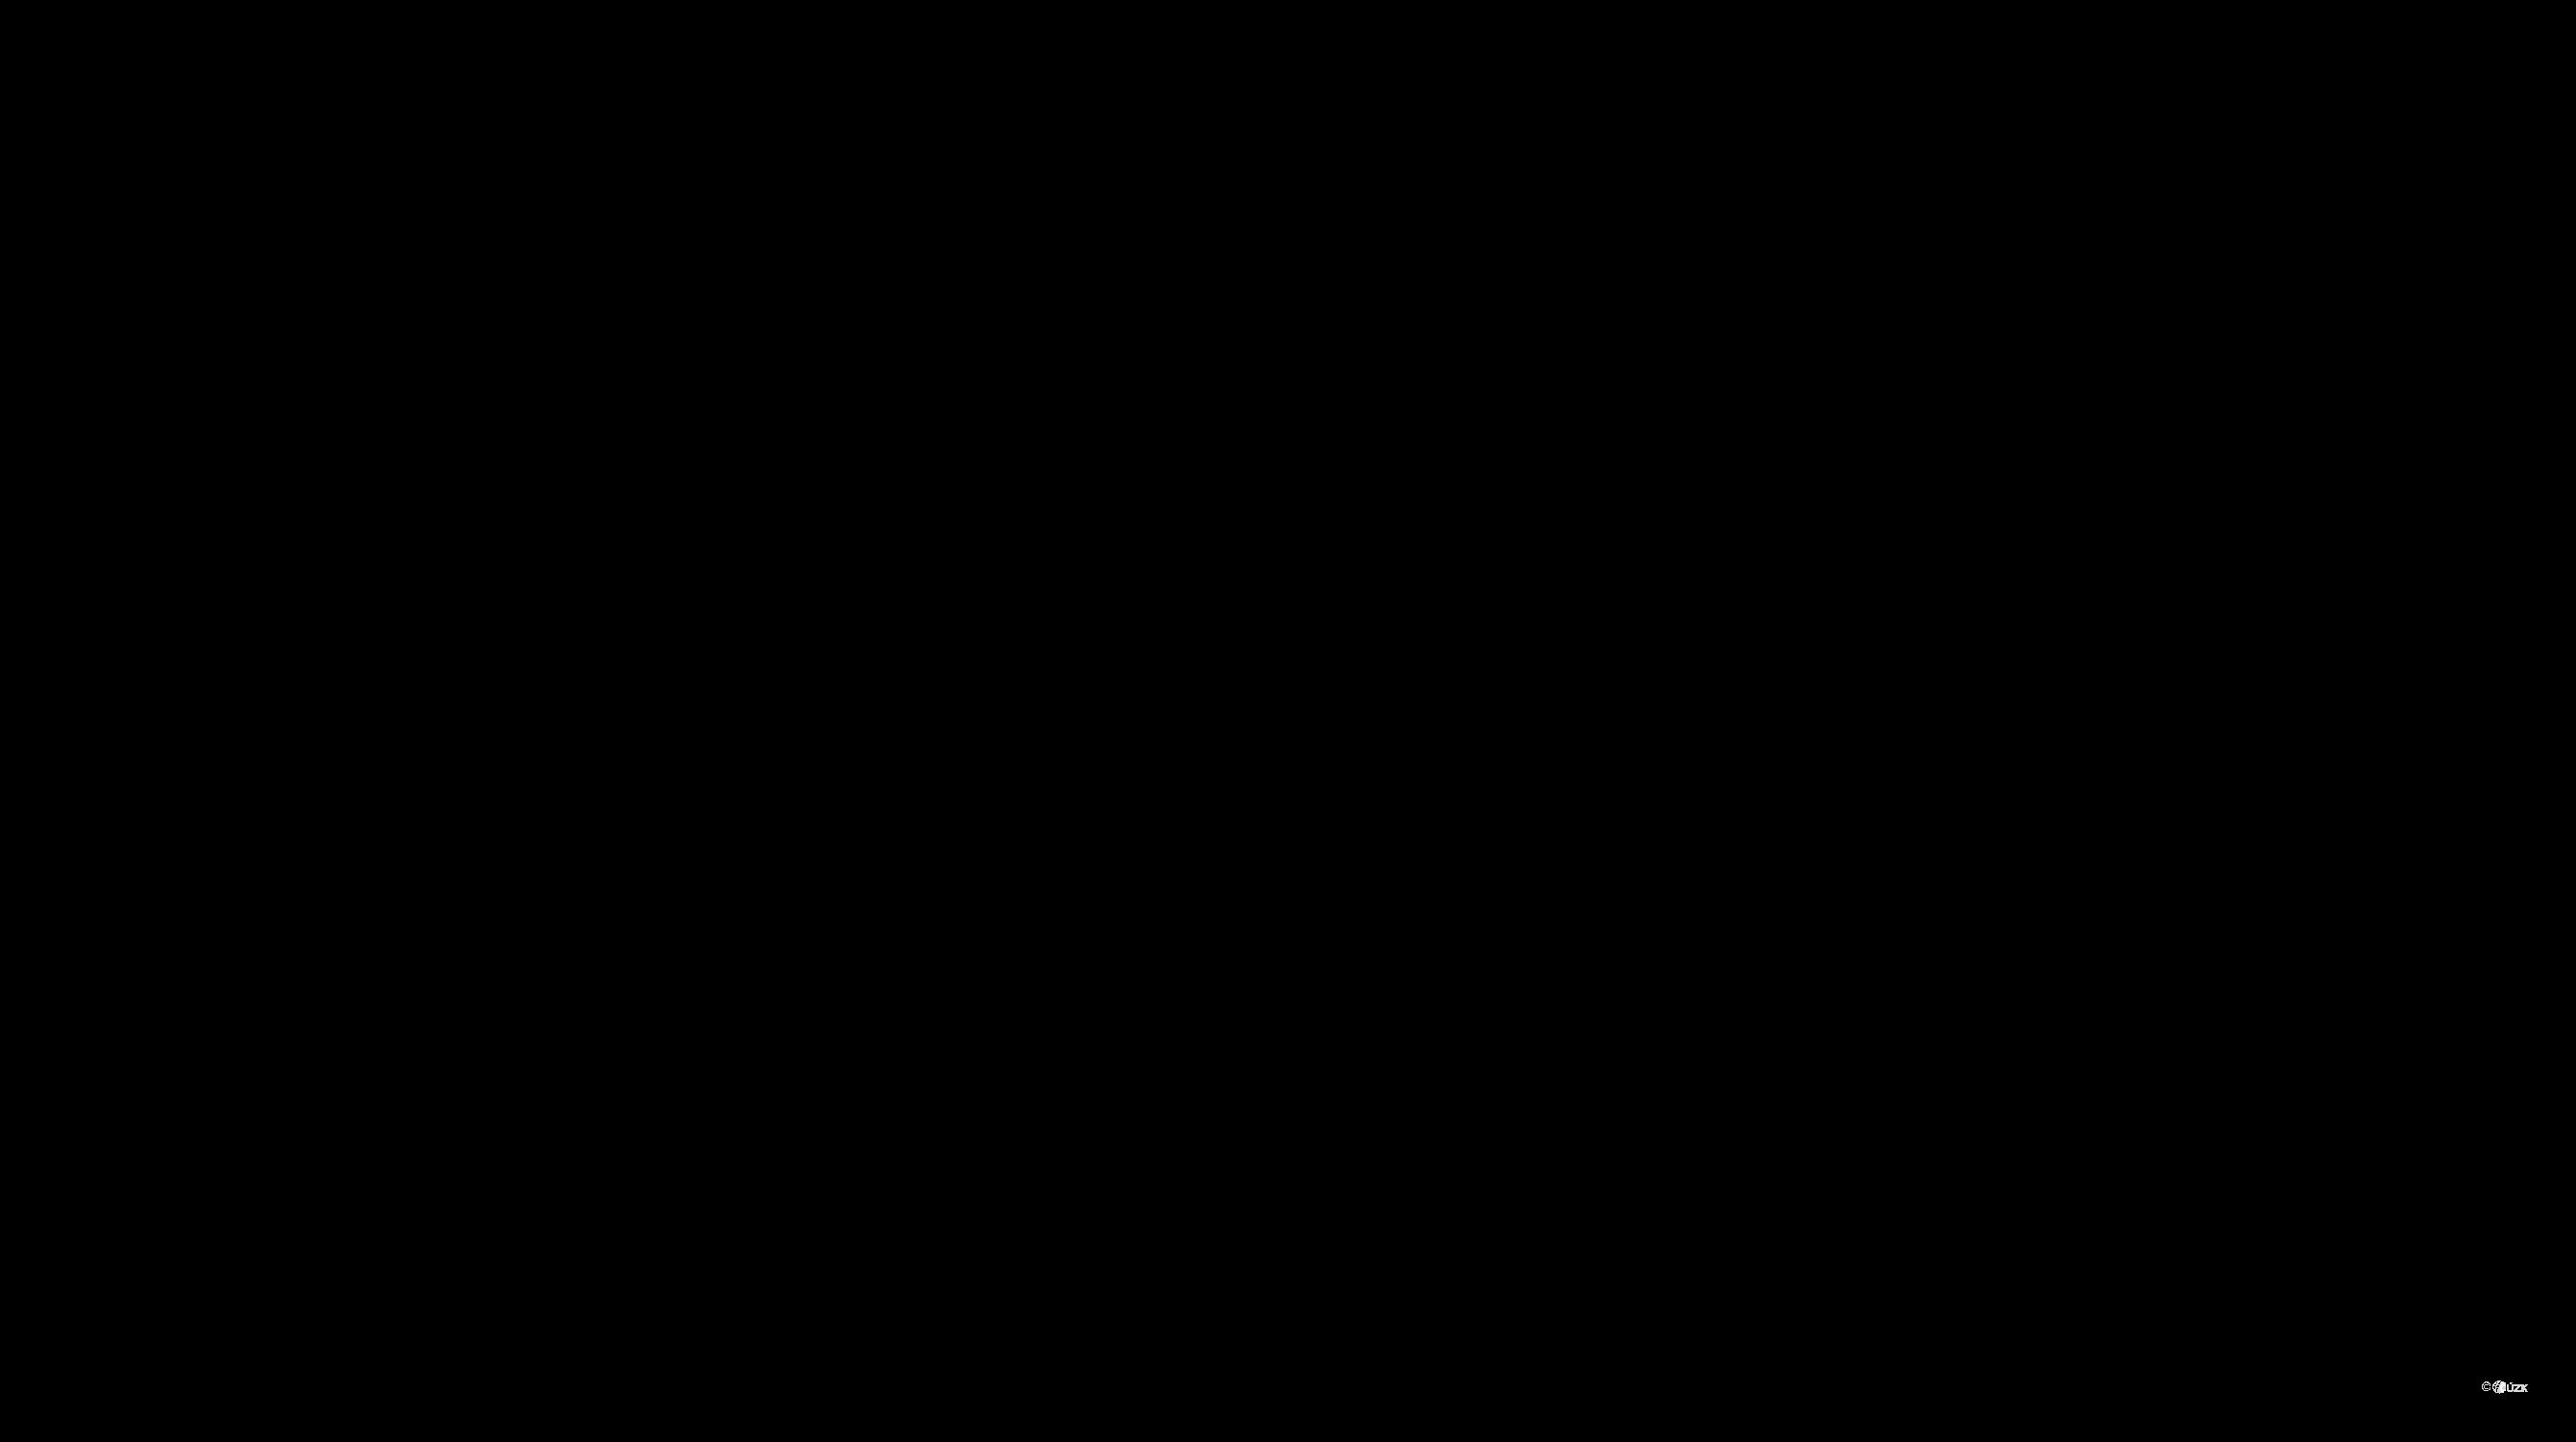 Katastrální mapa pozemků a čísla parcel Vlkov nad Lužnicí